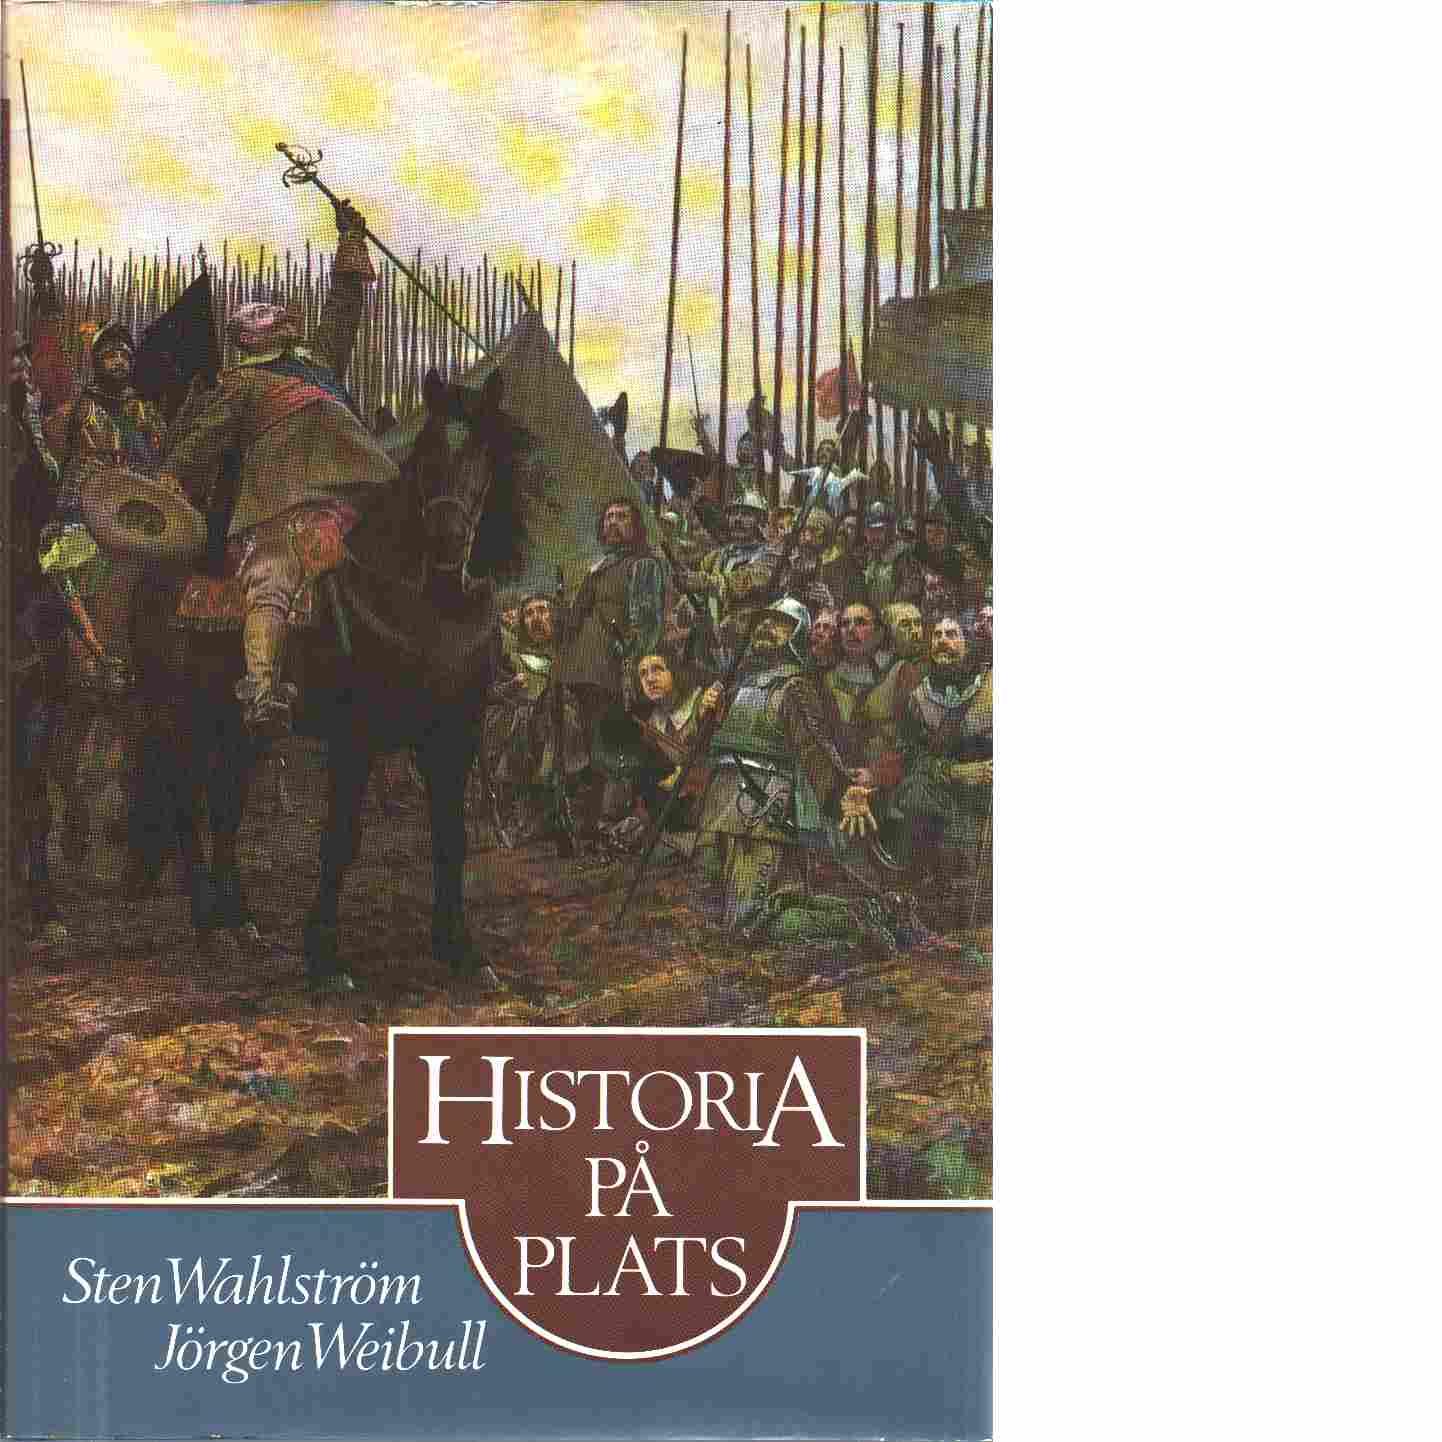 Historia på plats - Wahlström, Sten och Weibull, Jörgen